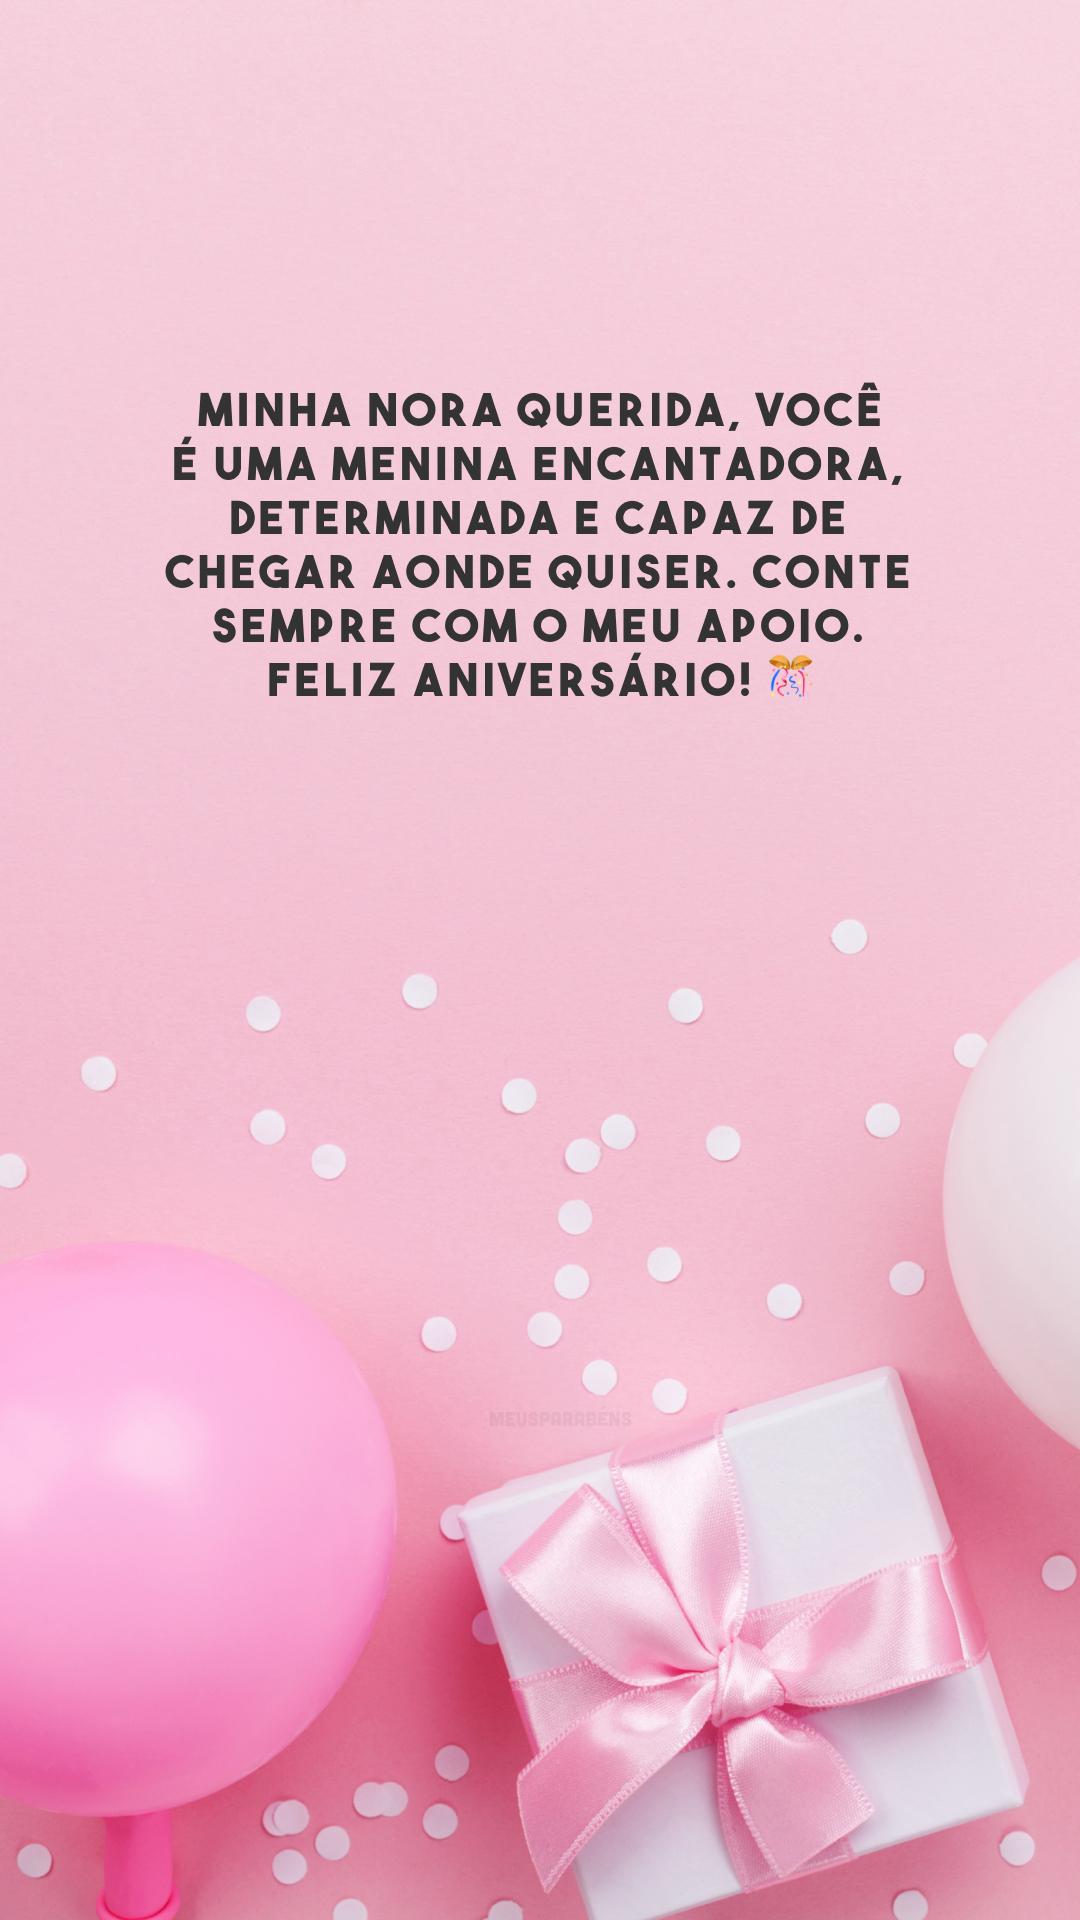 Minha nora querida, você é uma menina encantadora, determinada e capaz de chegar aonde quiser. Conte sempre com o meu apoio. Feliz aniversário! 🎊